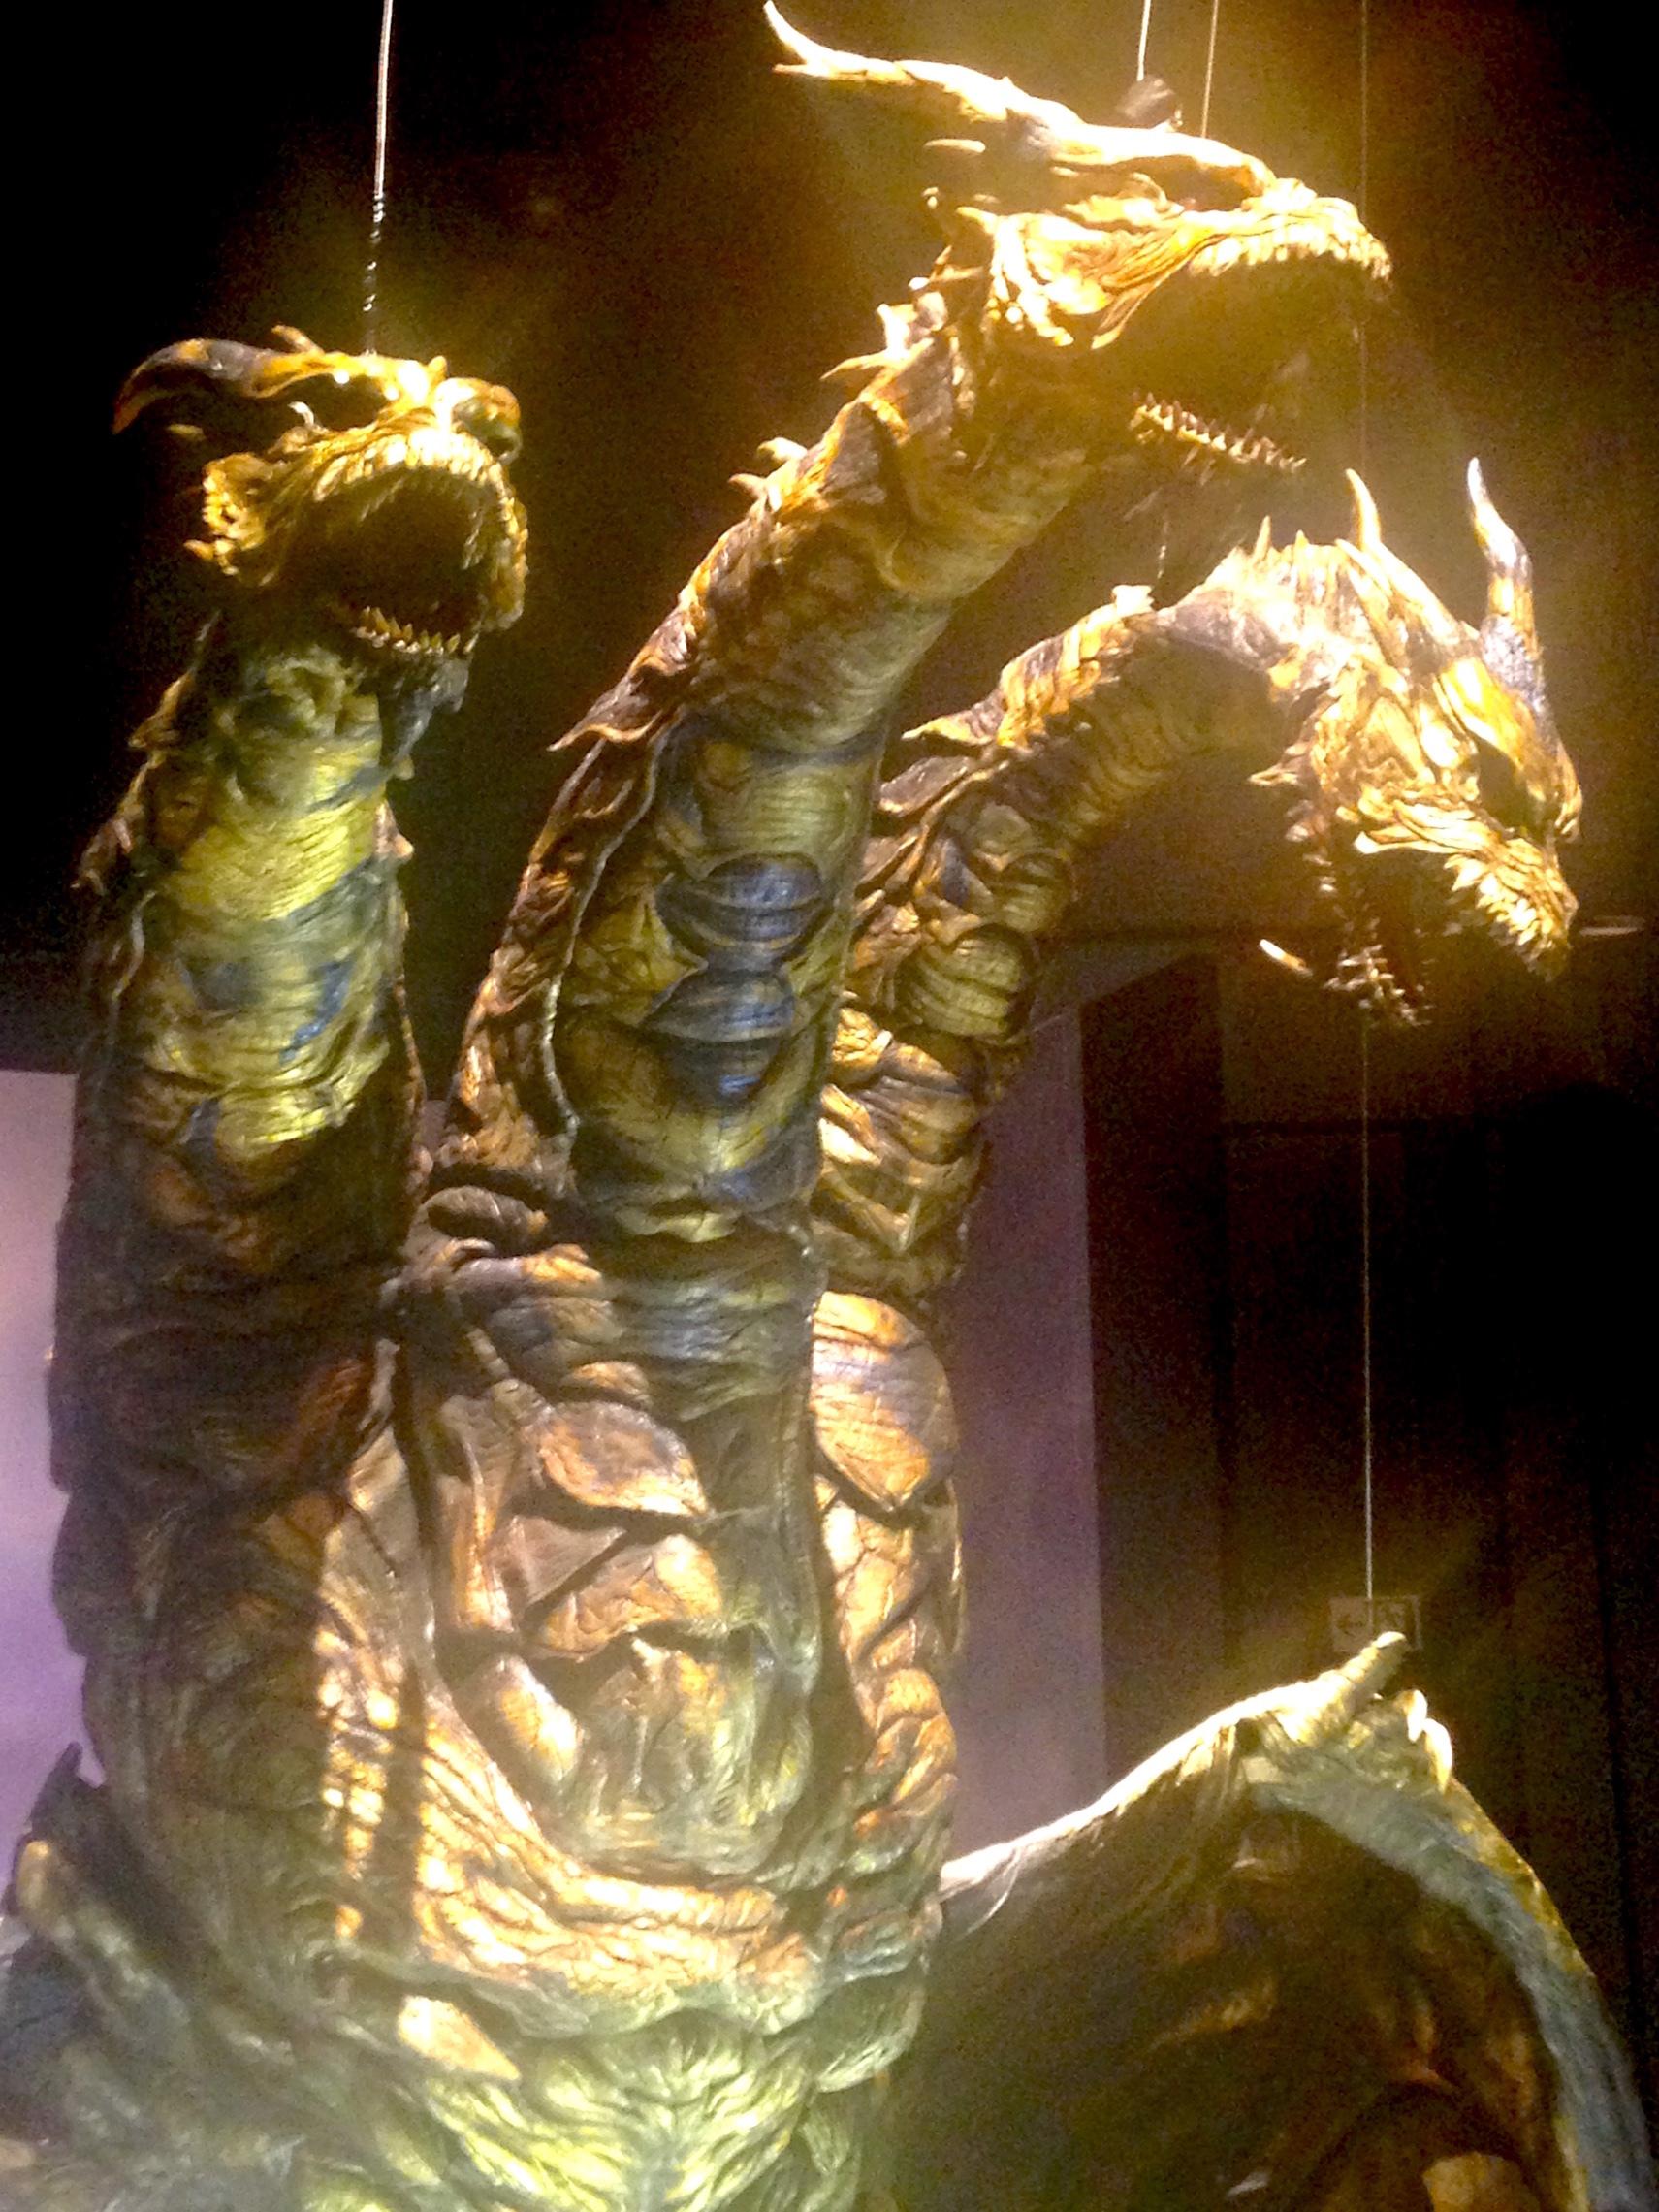 キングギドラやバラゴンなど他の怪獣たちの展示も (c)girls  Artalk